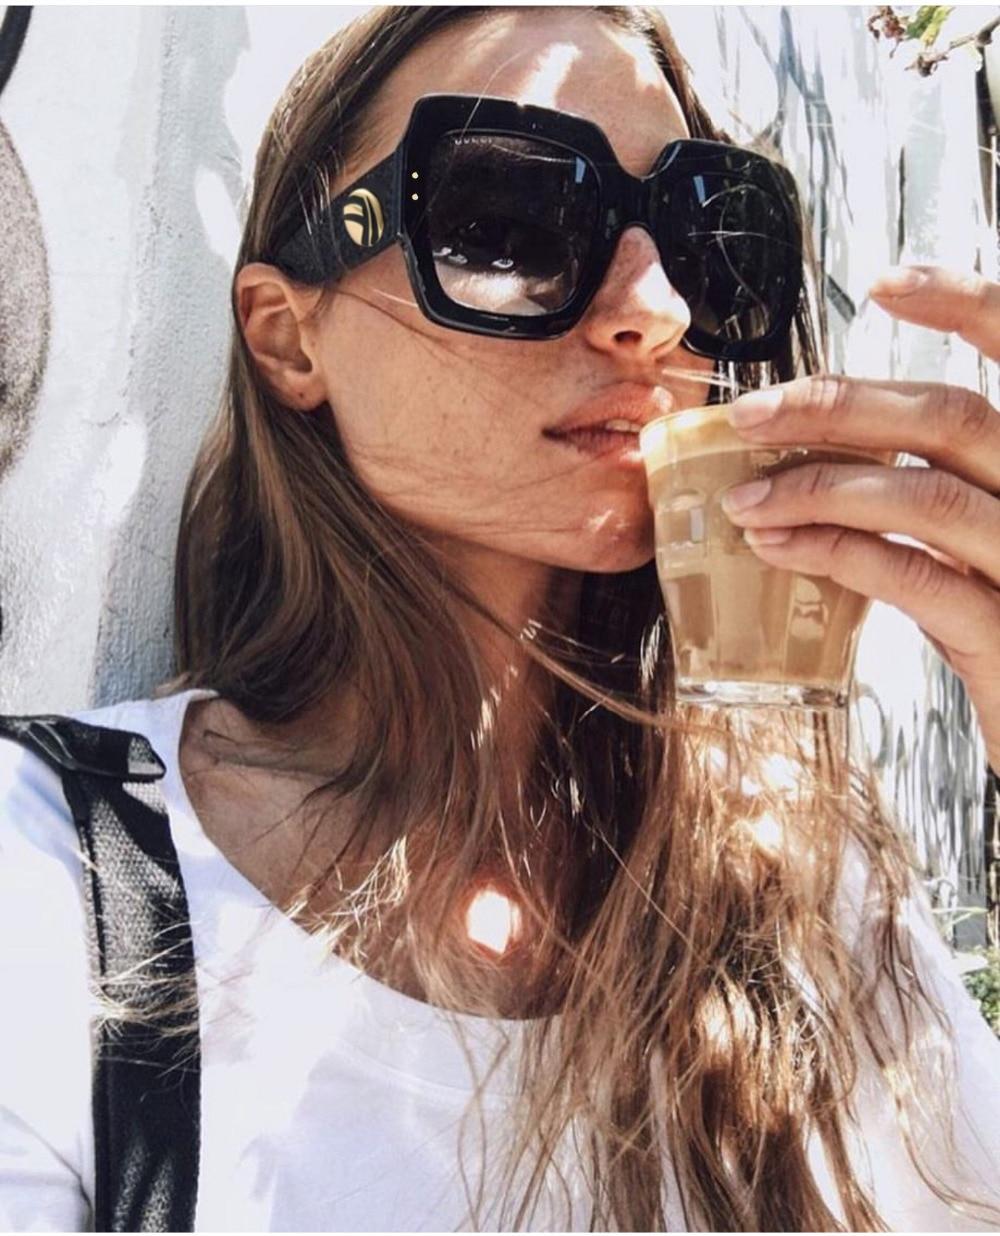 Qadın Kişilər Trendy Böyük Əl işlənmiş Kristal Eynəklər - Geyim aksesuarları - Fotoqrafiya 1